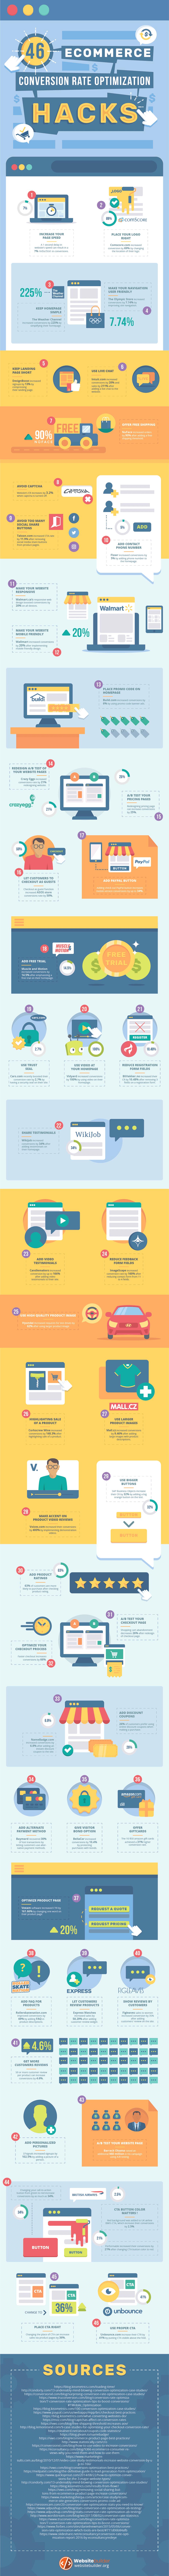 infografía-cro-hacks